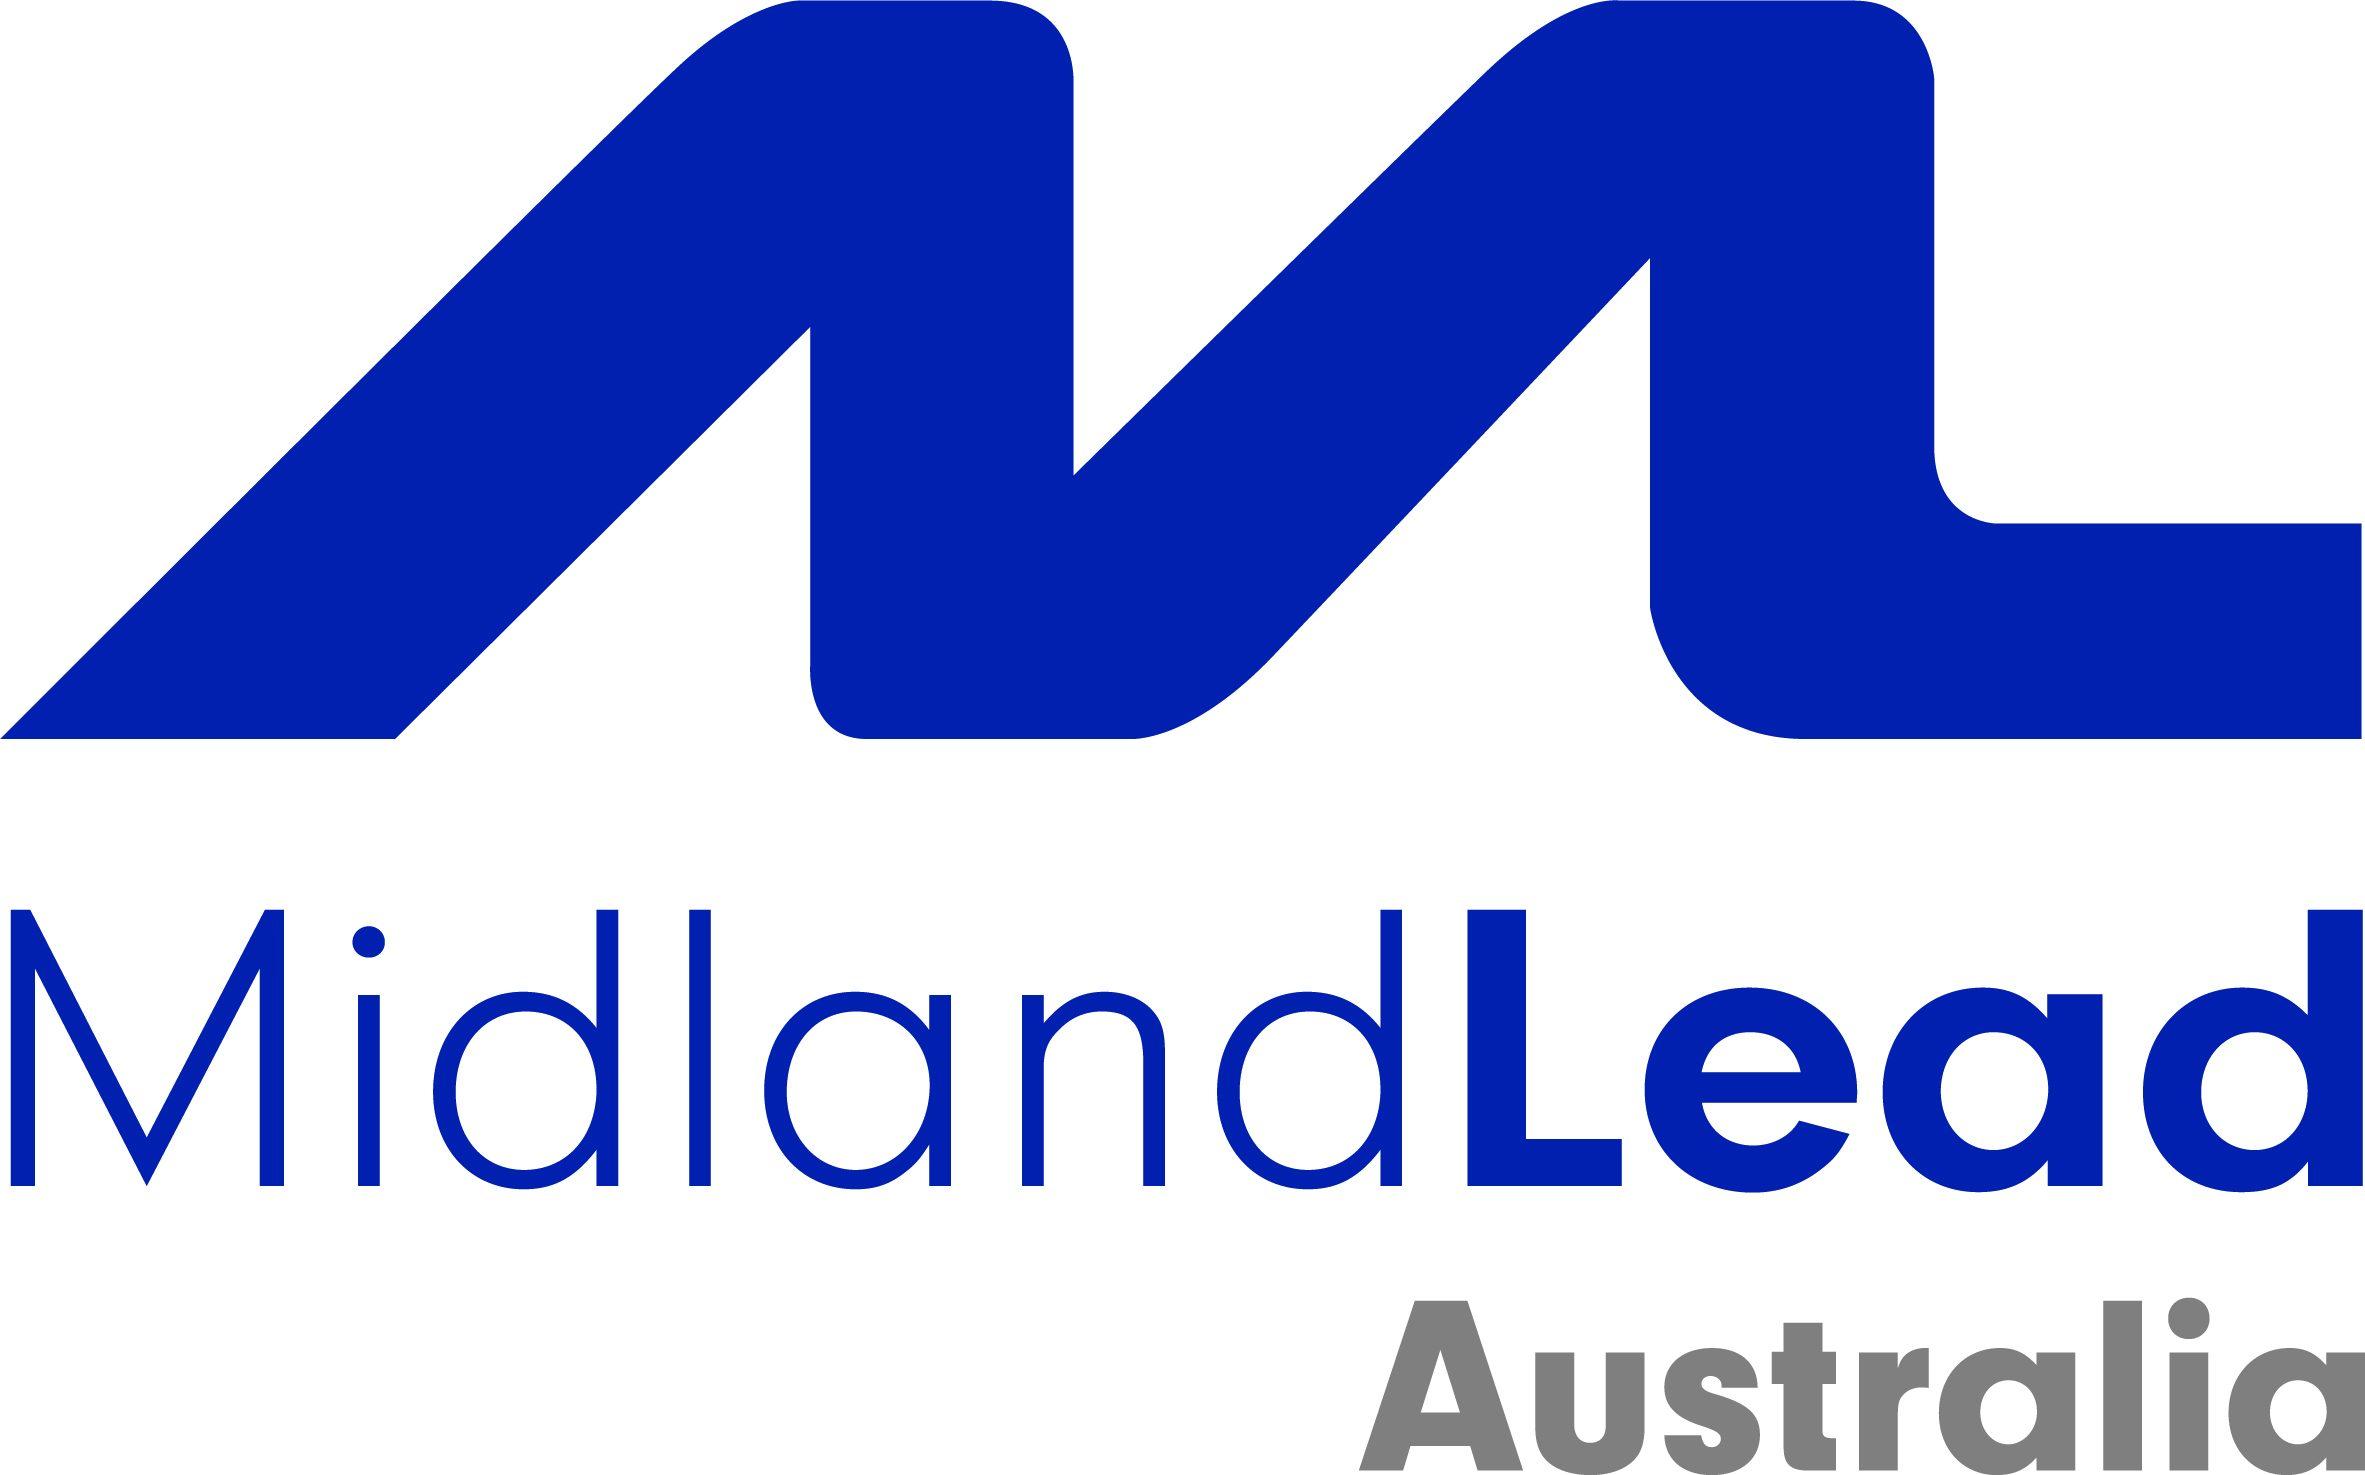 Midland Lead Australia